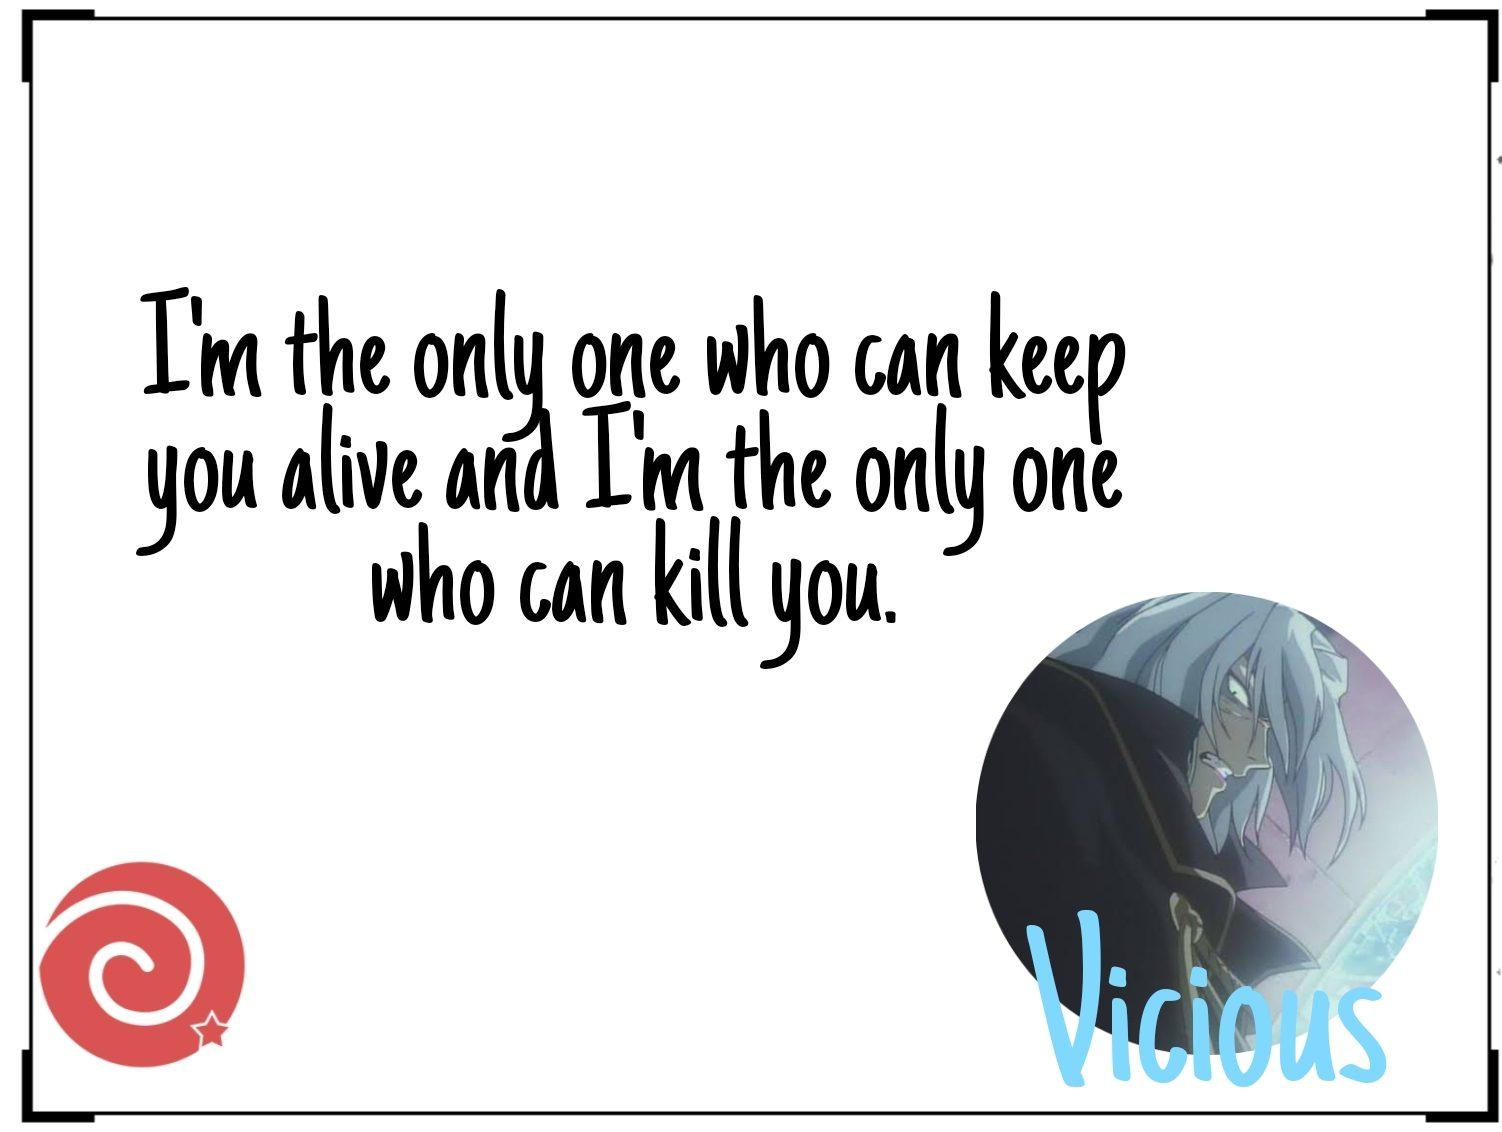 Vicious quotes